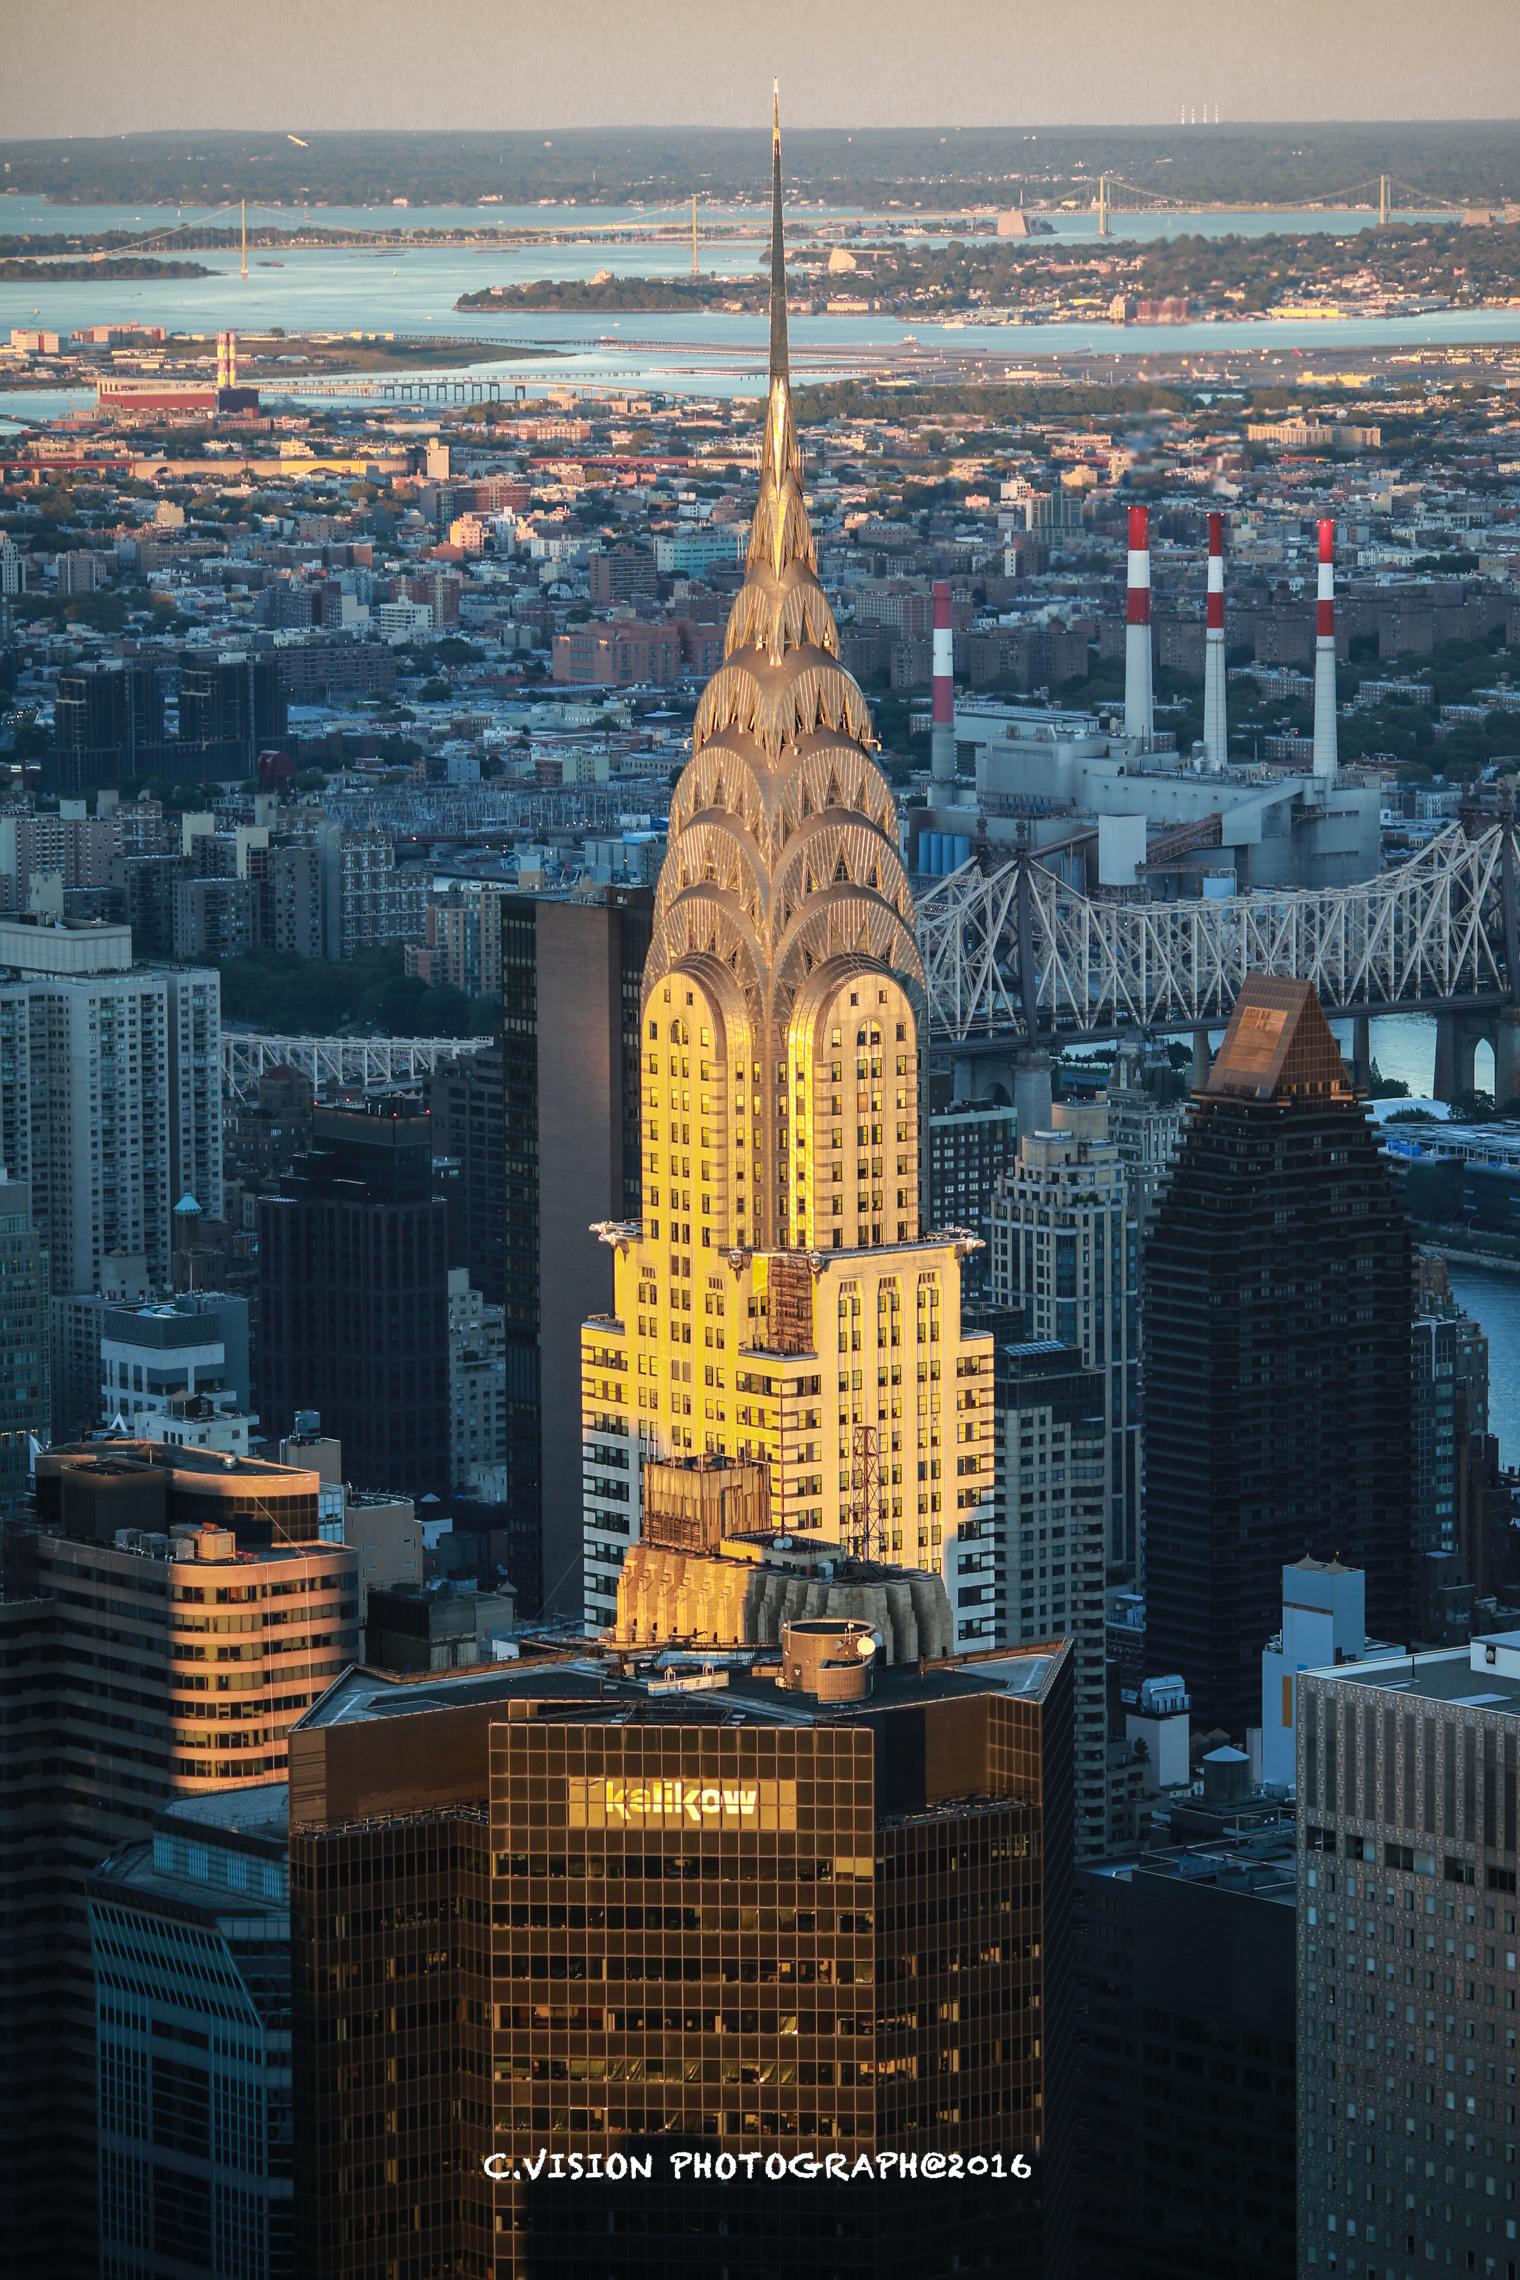 纽约帝国大厦门票_纽约帝国大厦攻略,纽约帝国大厦门票/游玩攻略/地址/图片/门票 ...